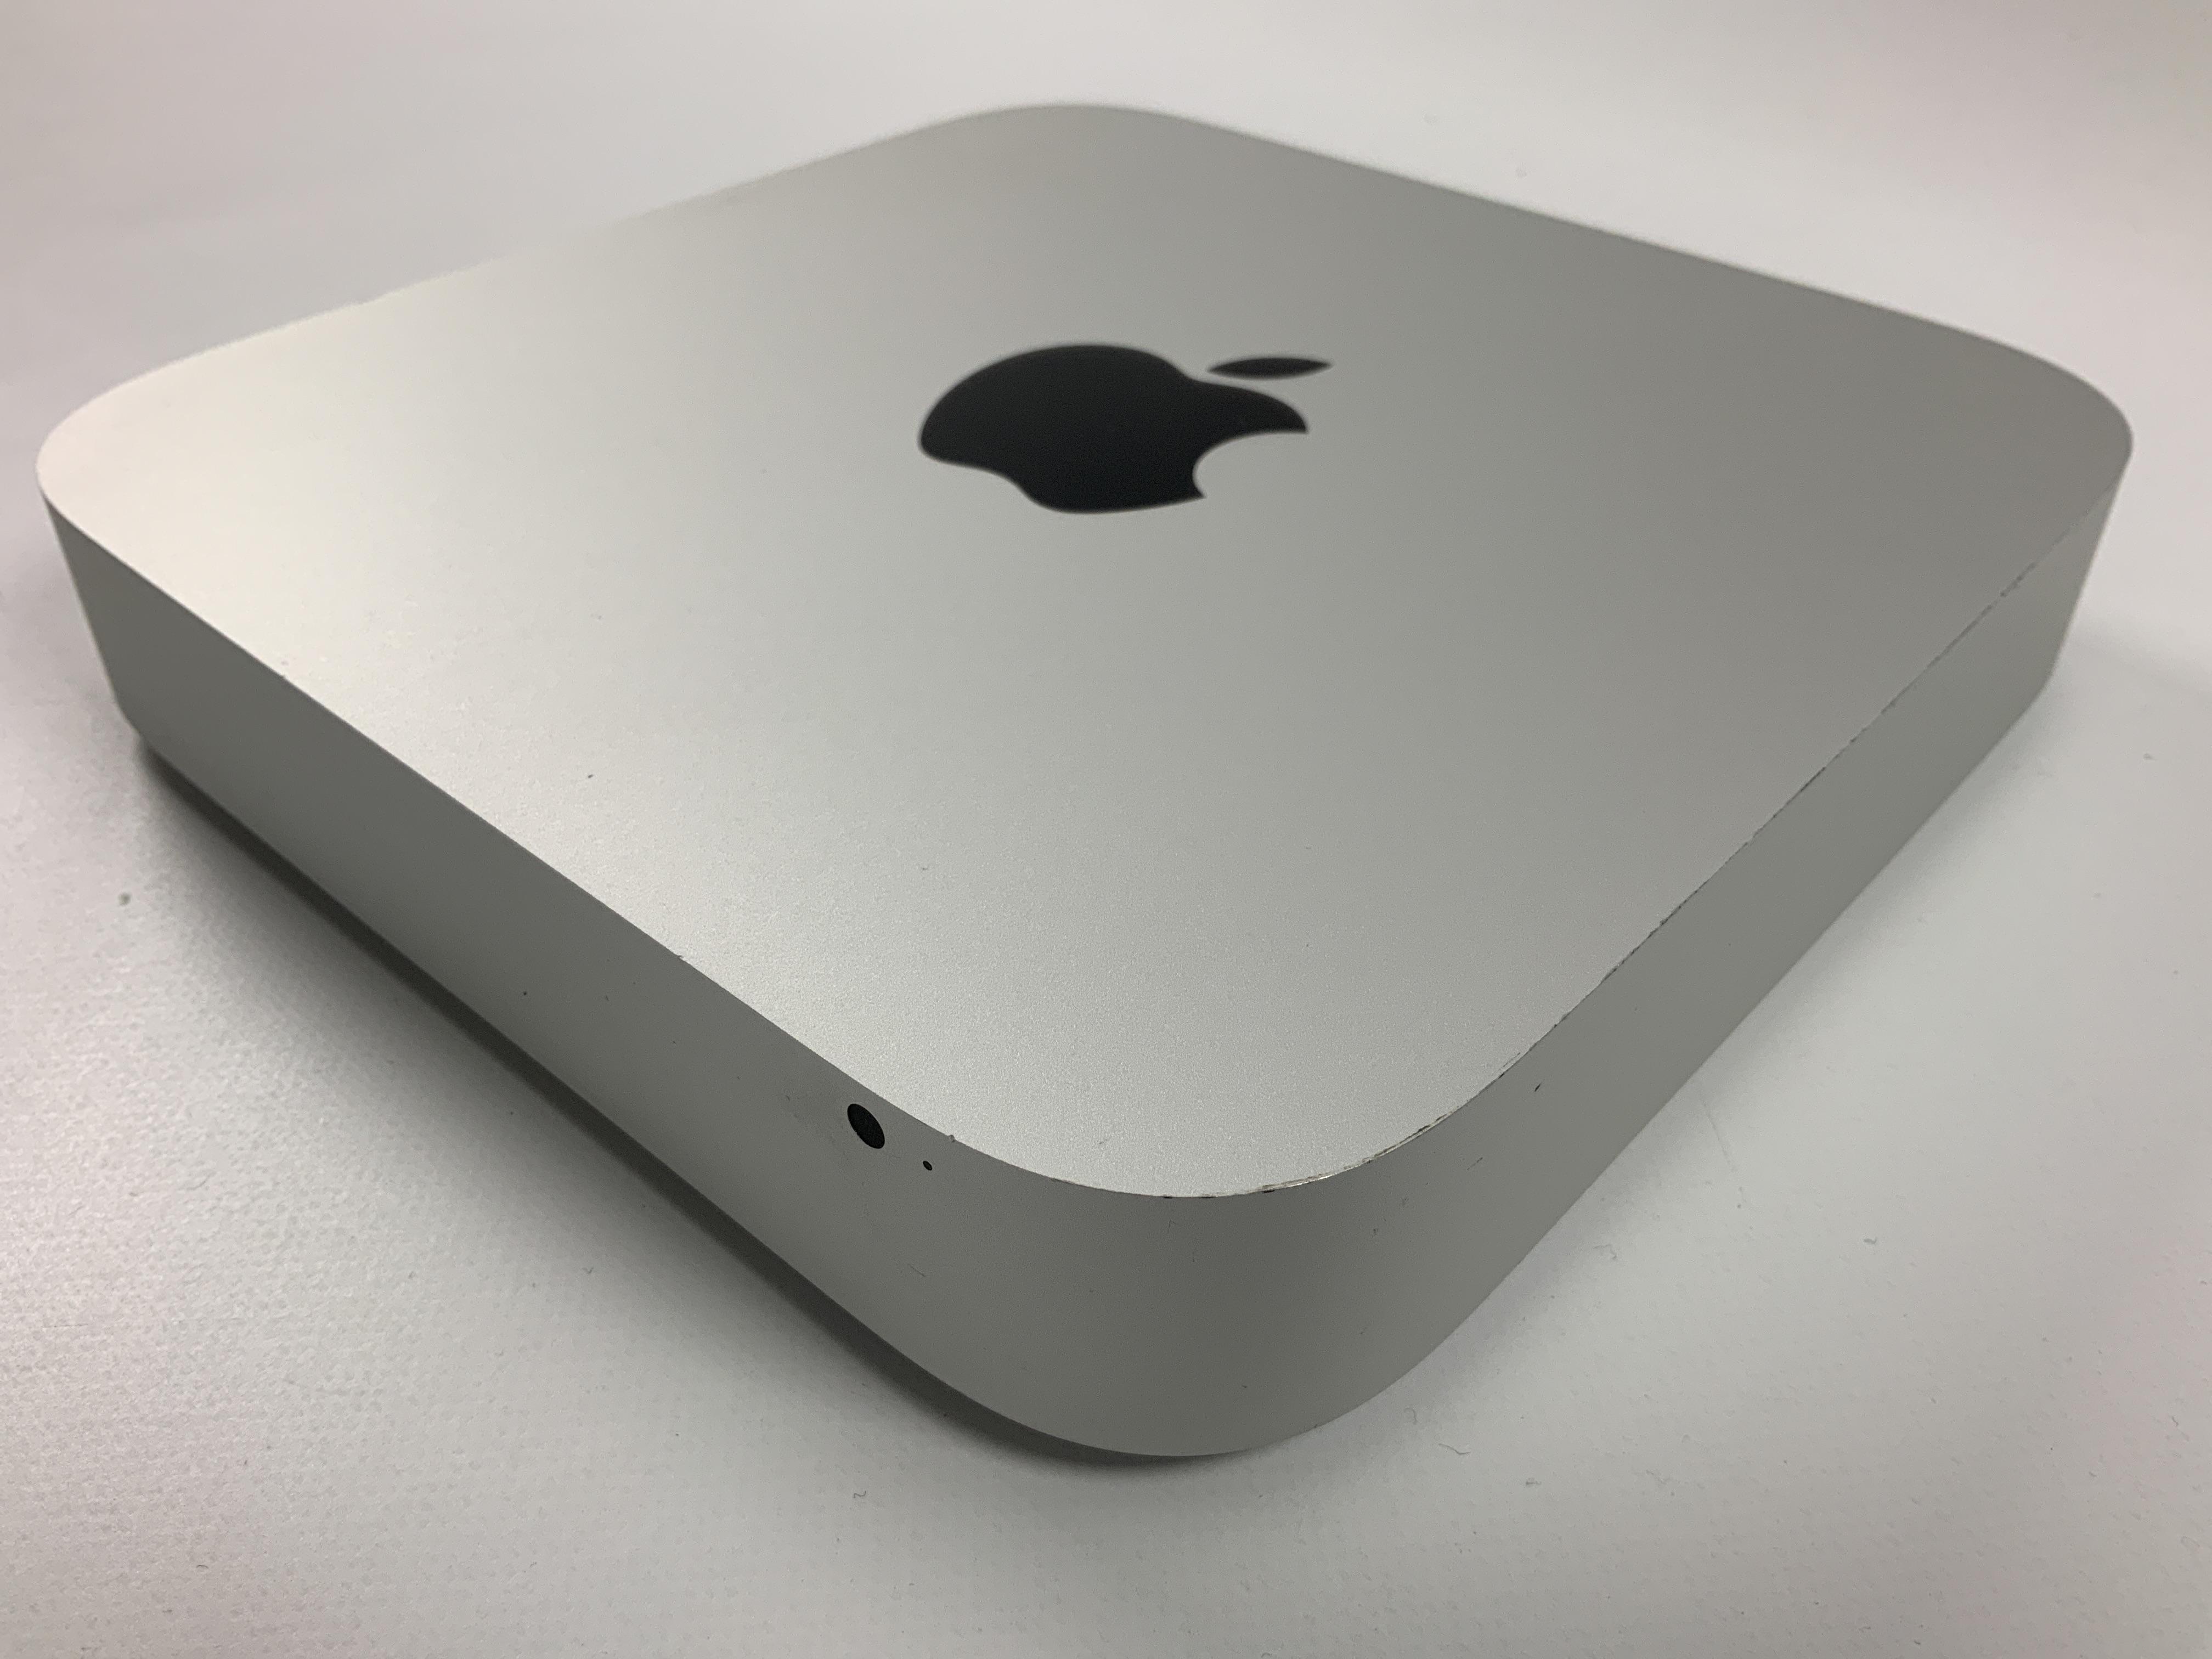 Mac Mini Late 2014 (Intel Core i5 2.6 GHz 8 GB RAM 1 TB HDD), Intel Core i5 2.6 GHz, 8 GB RAM, 1 TB HDD, immagine 2